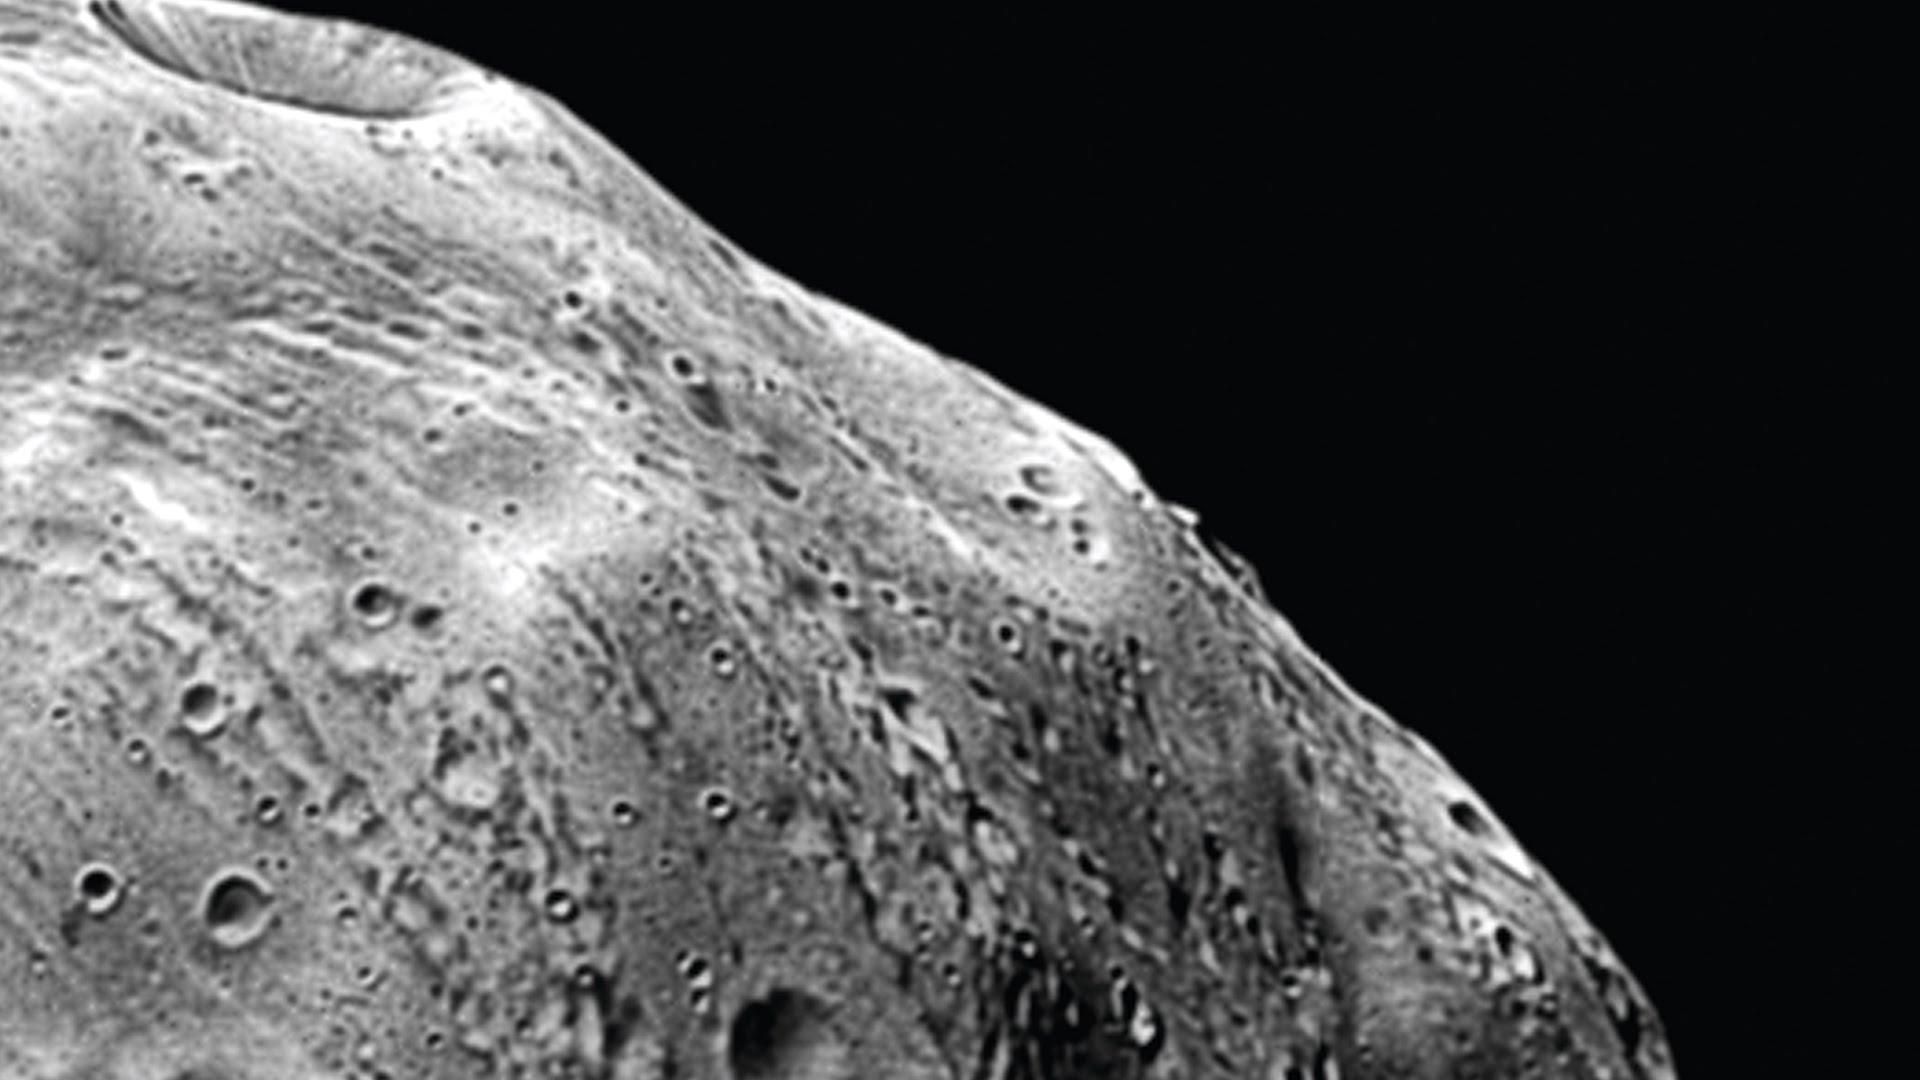 Ученые смогли пояснить  происхождение аномальных каналов наспутнике Марса